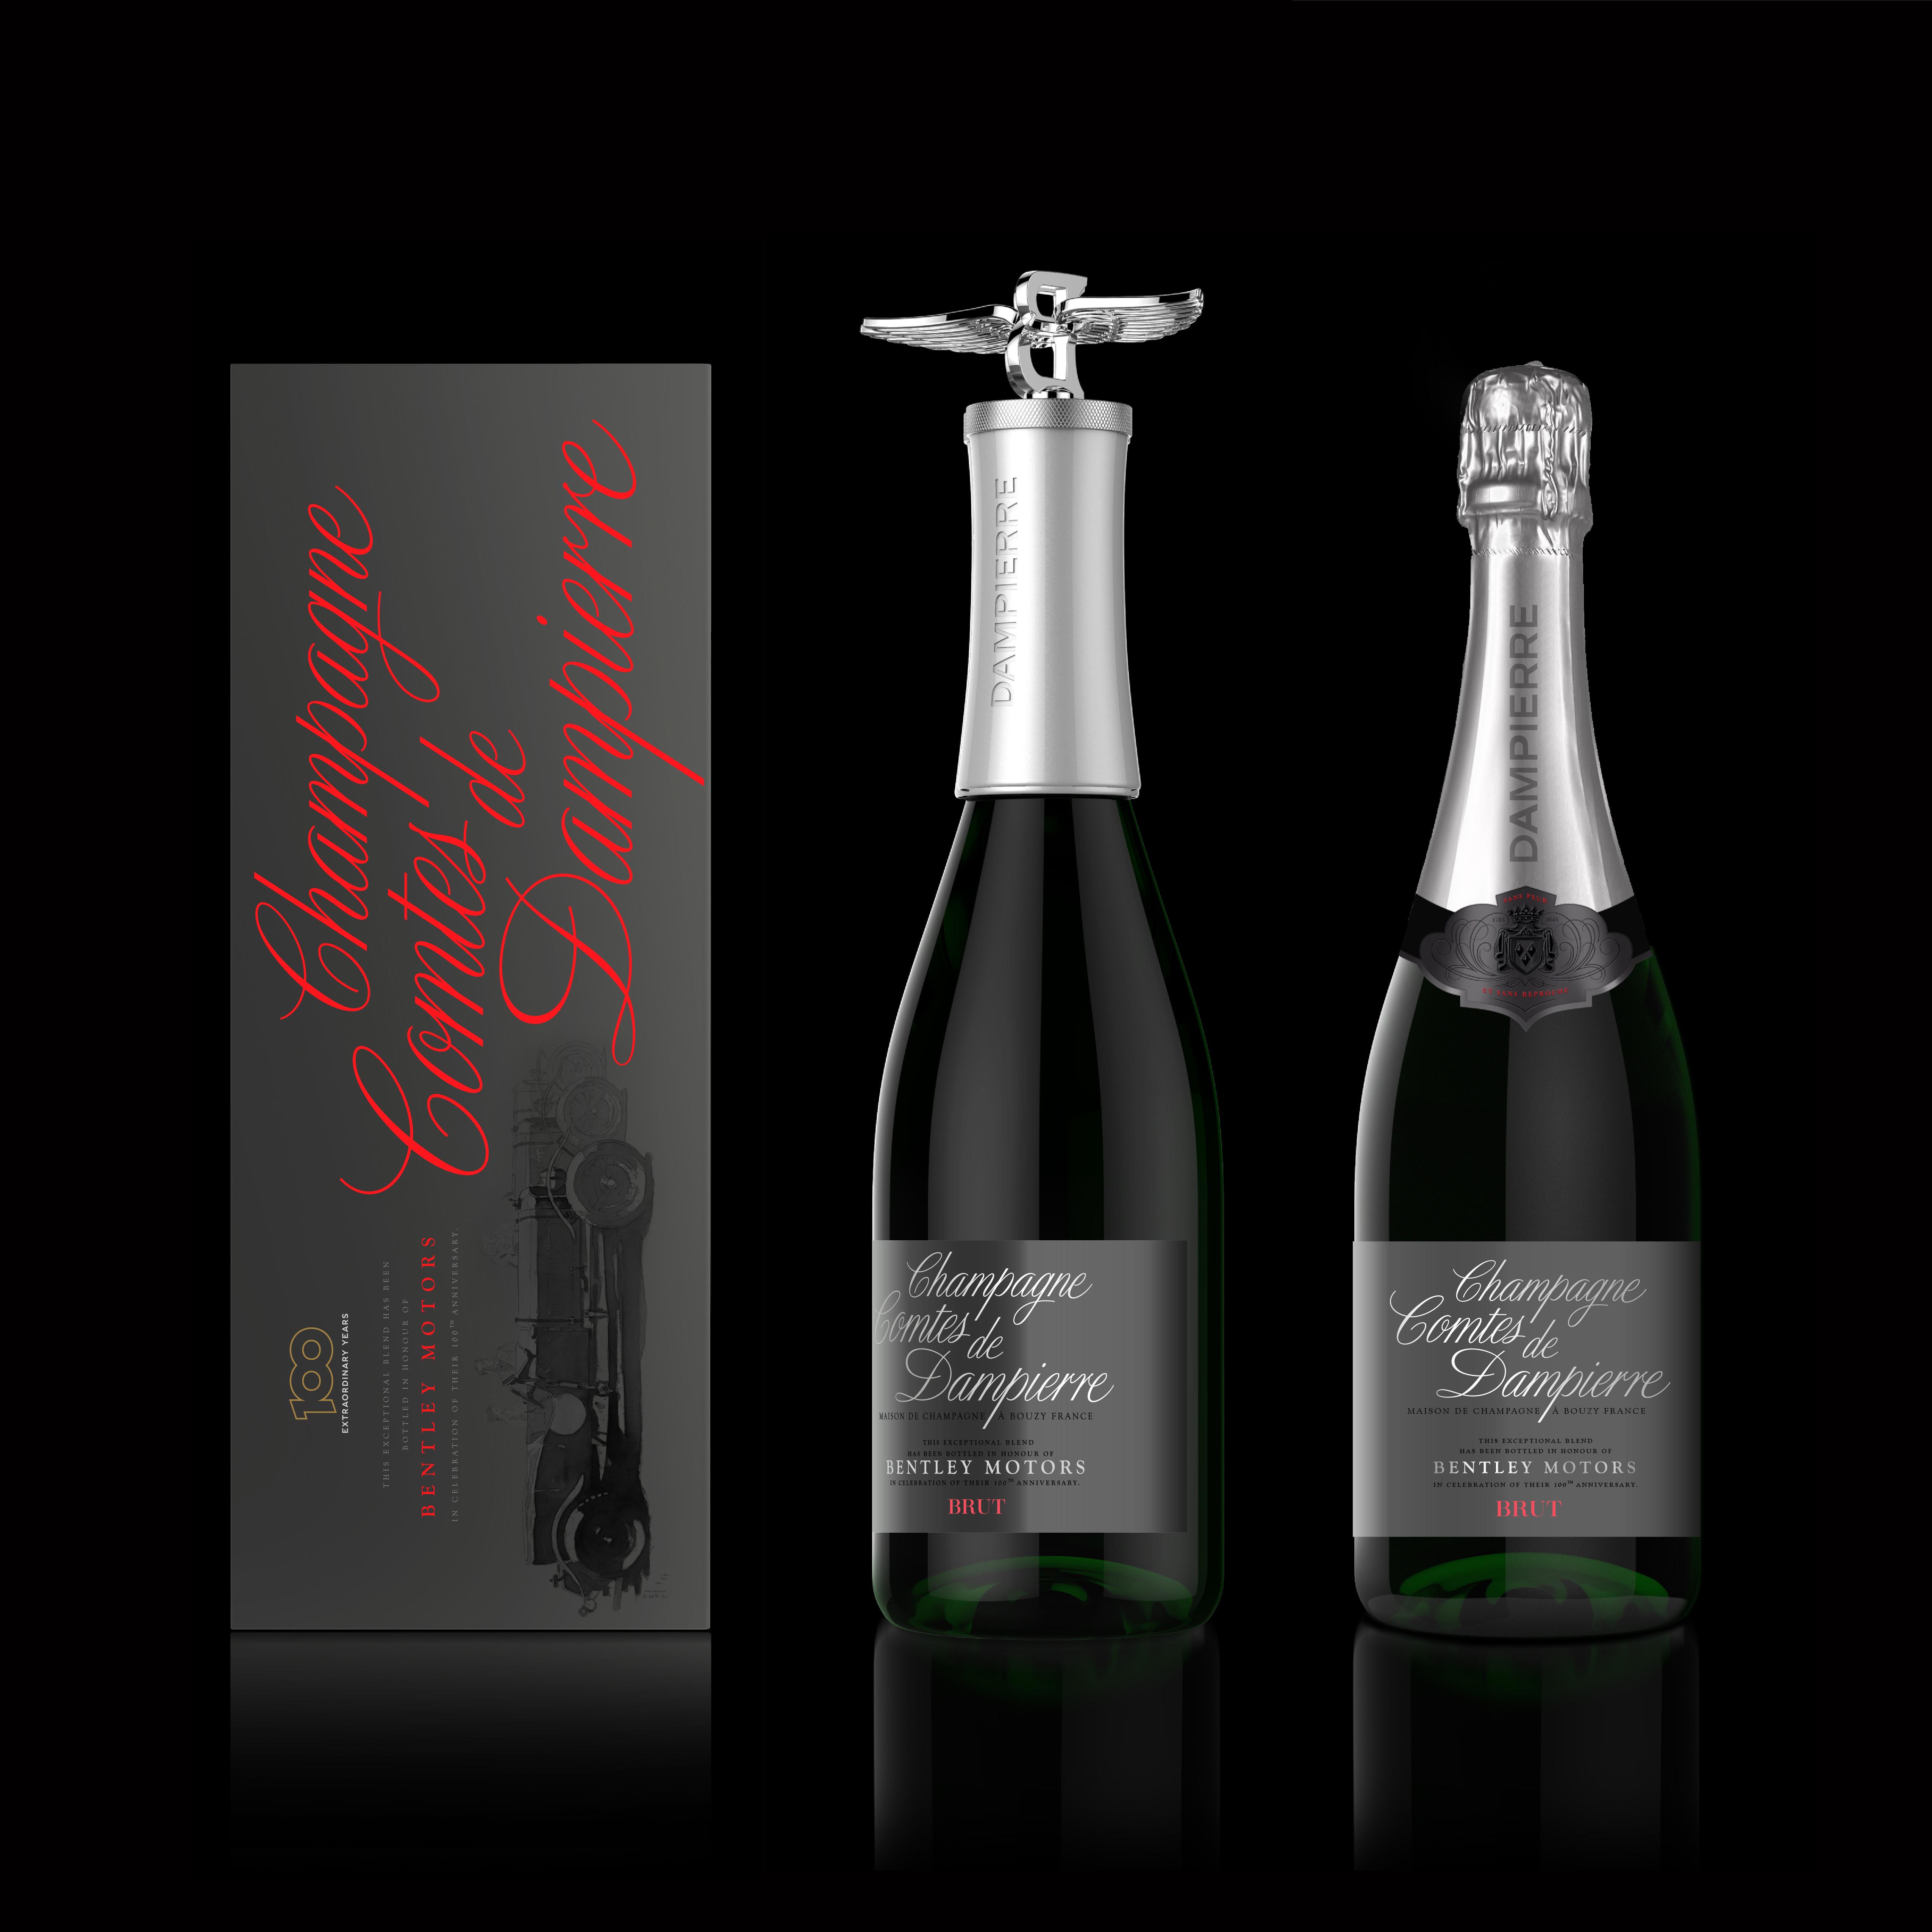 Champagne Comtes de Dampierre x Bentley Motors